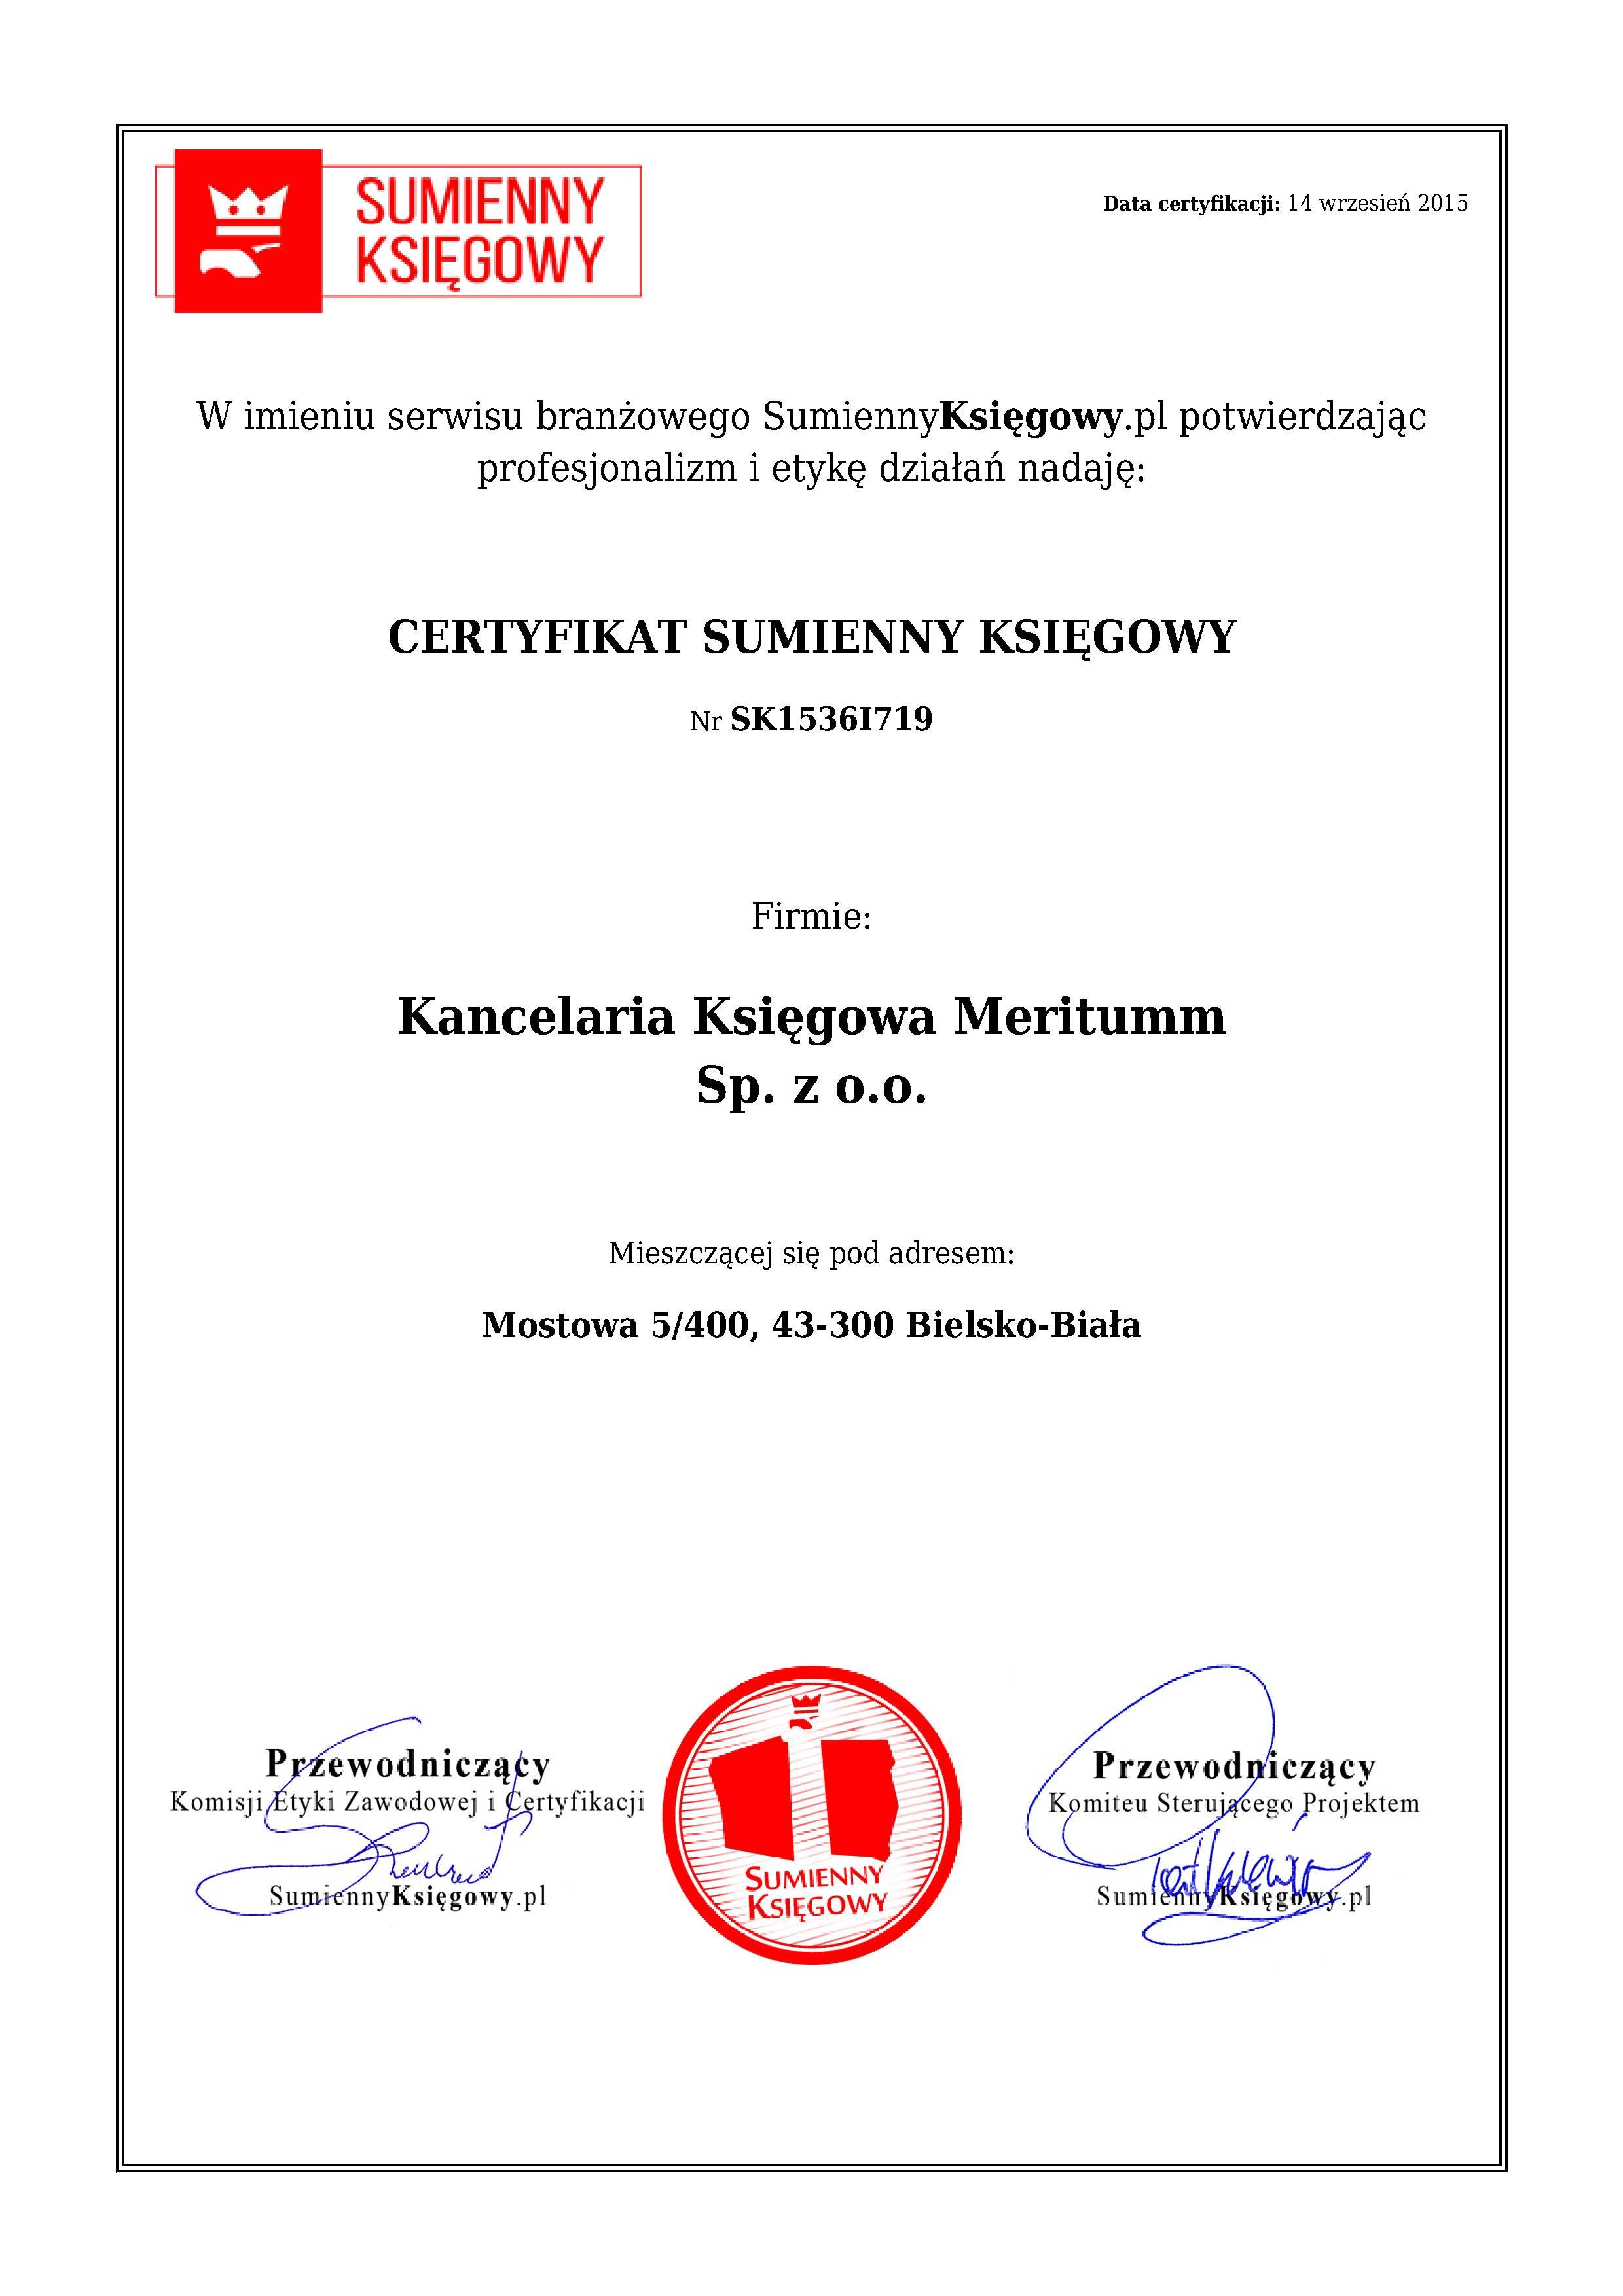 Certyfikat Kancelaria Księgowa Meritumm Sp. z o.o.